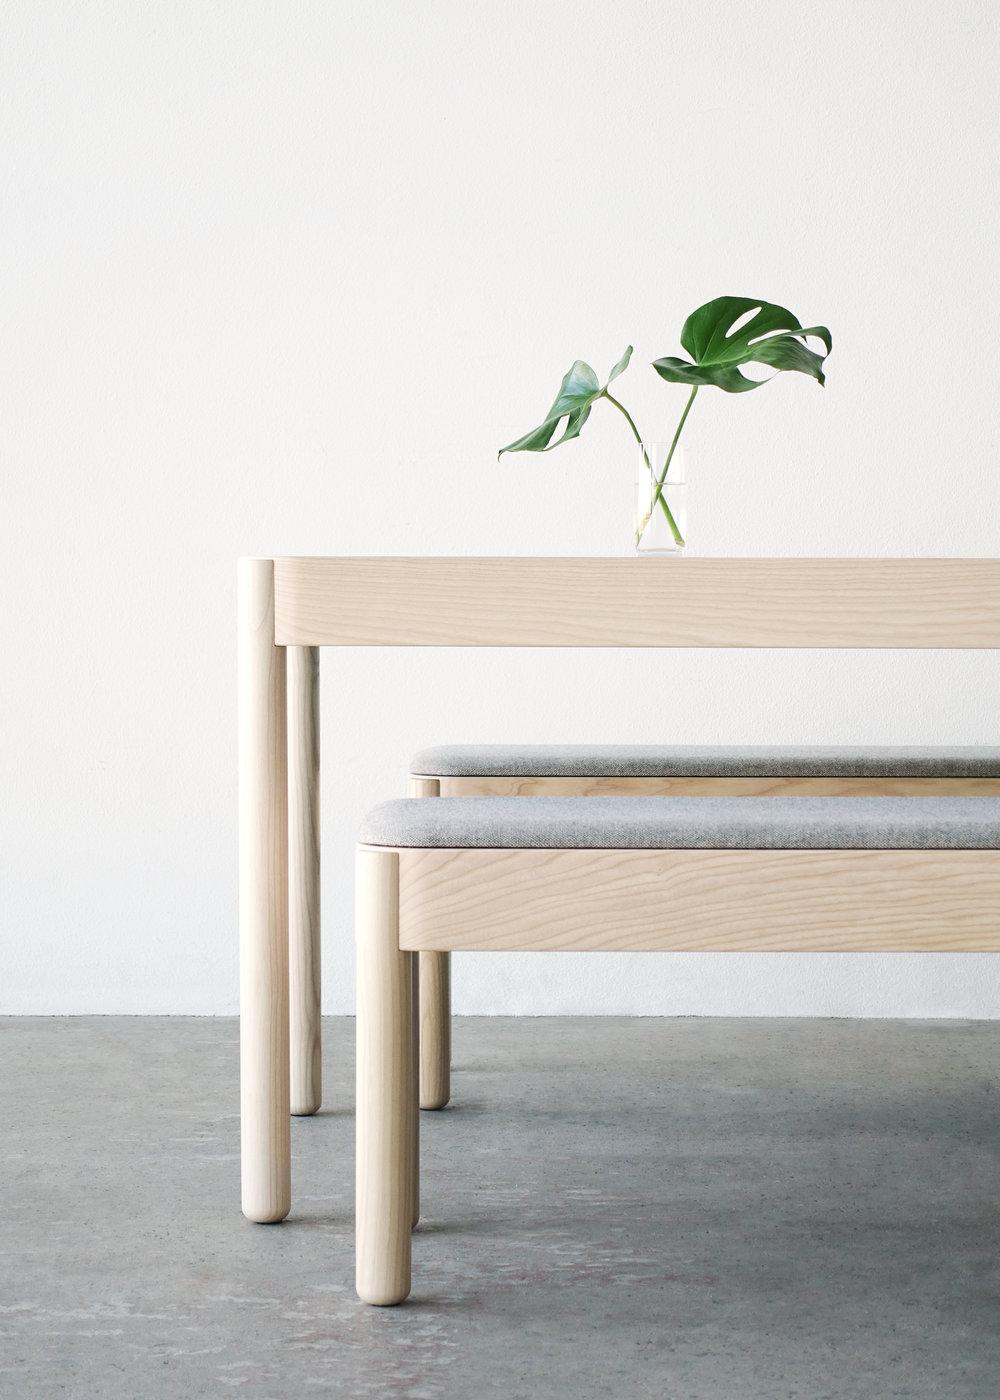 Wakufuru_sound absorbent solid wood furniture_Designed by Johan Kauppi for Glimakra of Sweden.jpg